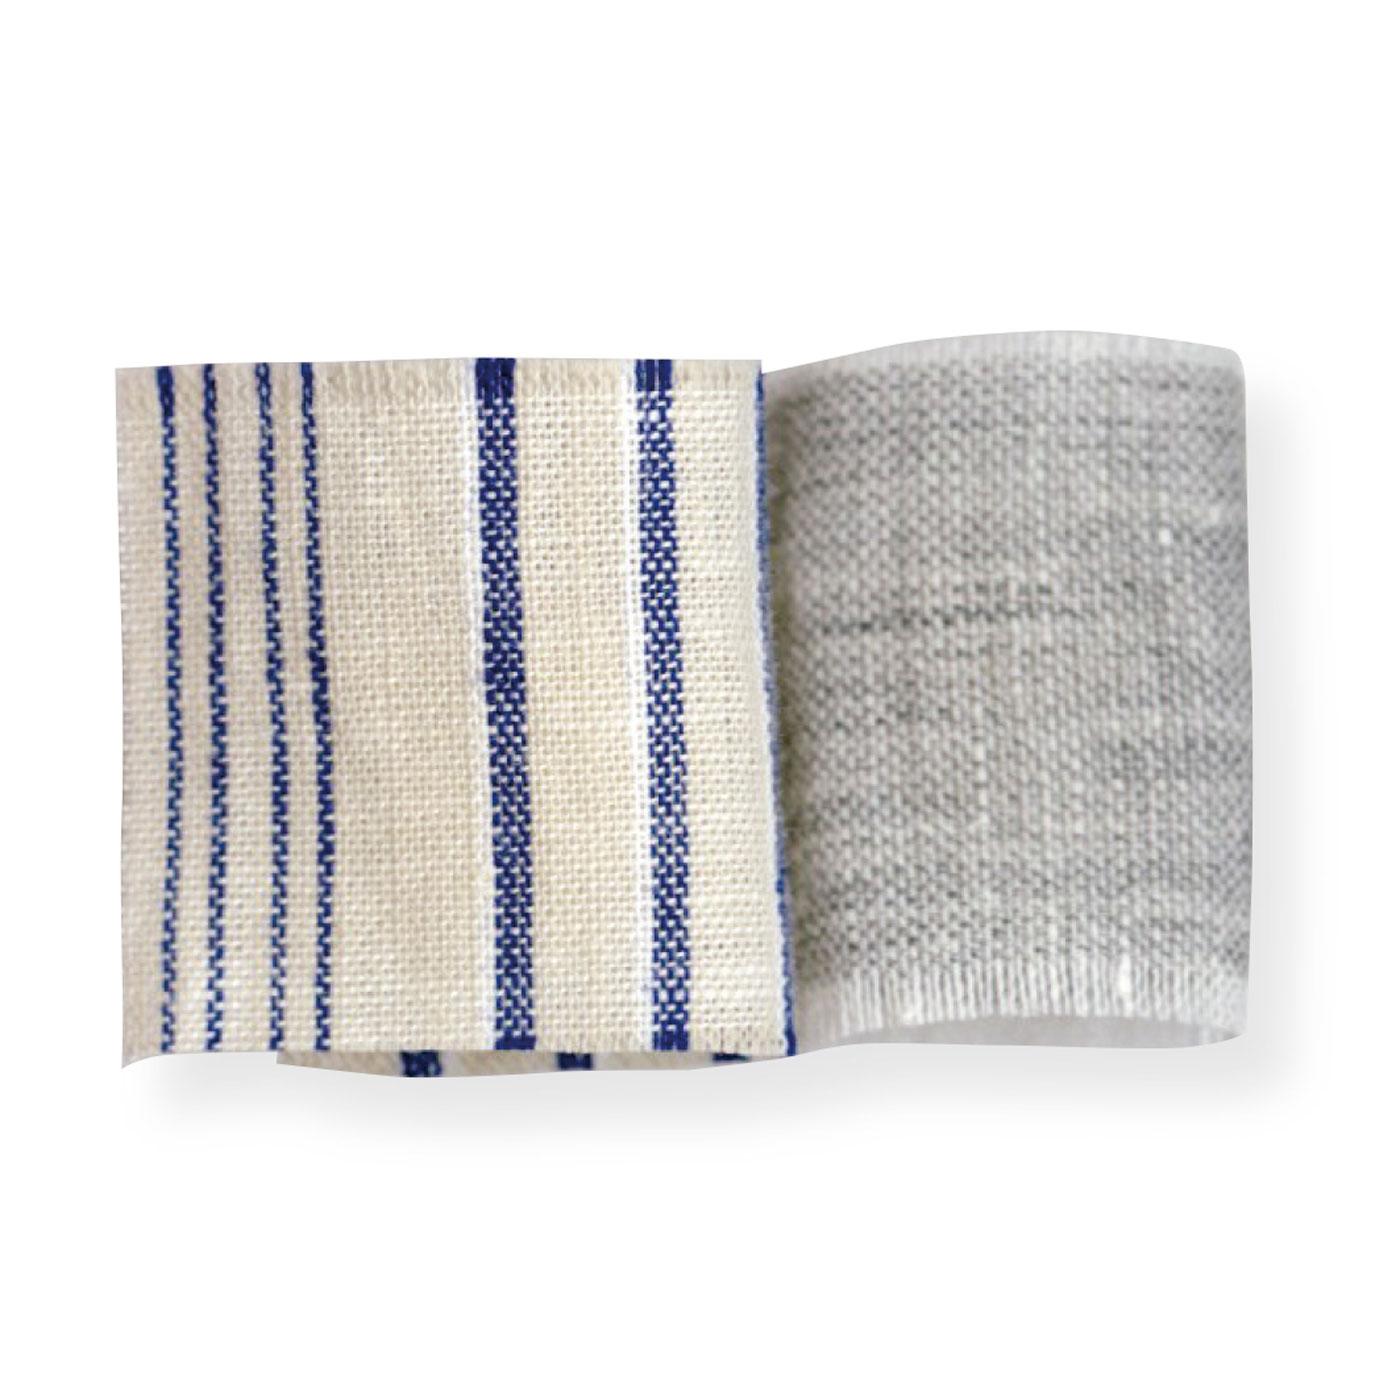 麻と綿の混紡素材。風通しがよく、洗うほどに肌にしっくり、なじんできます。